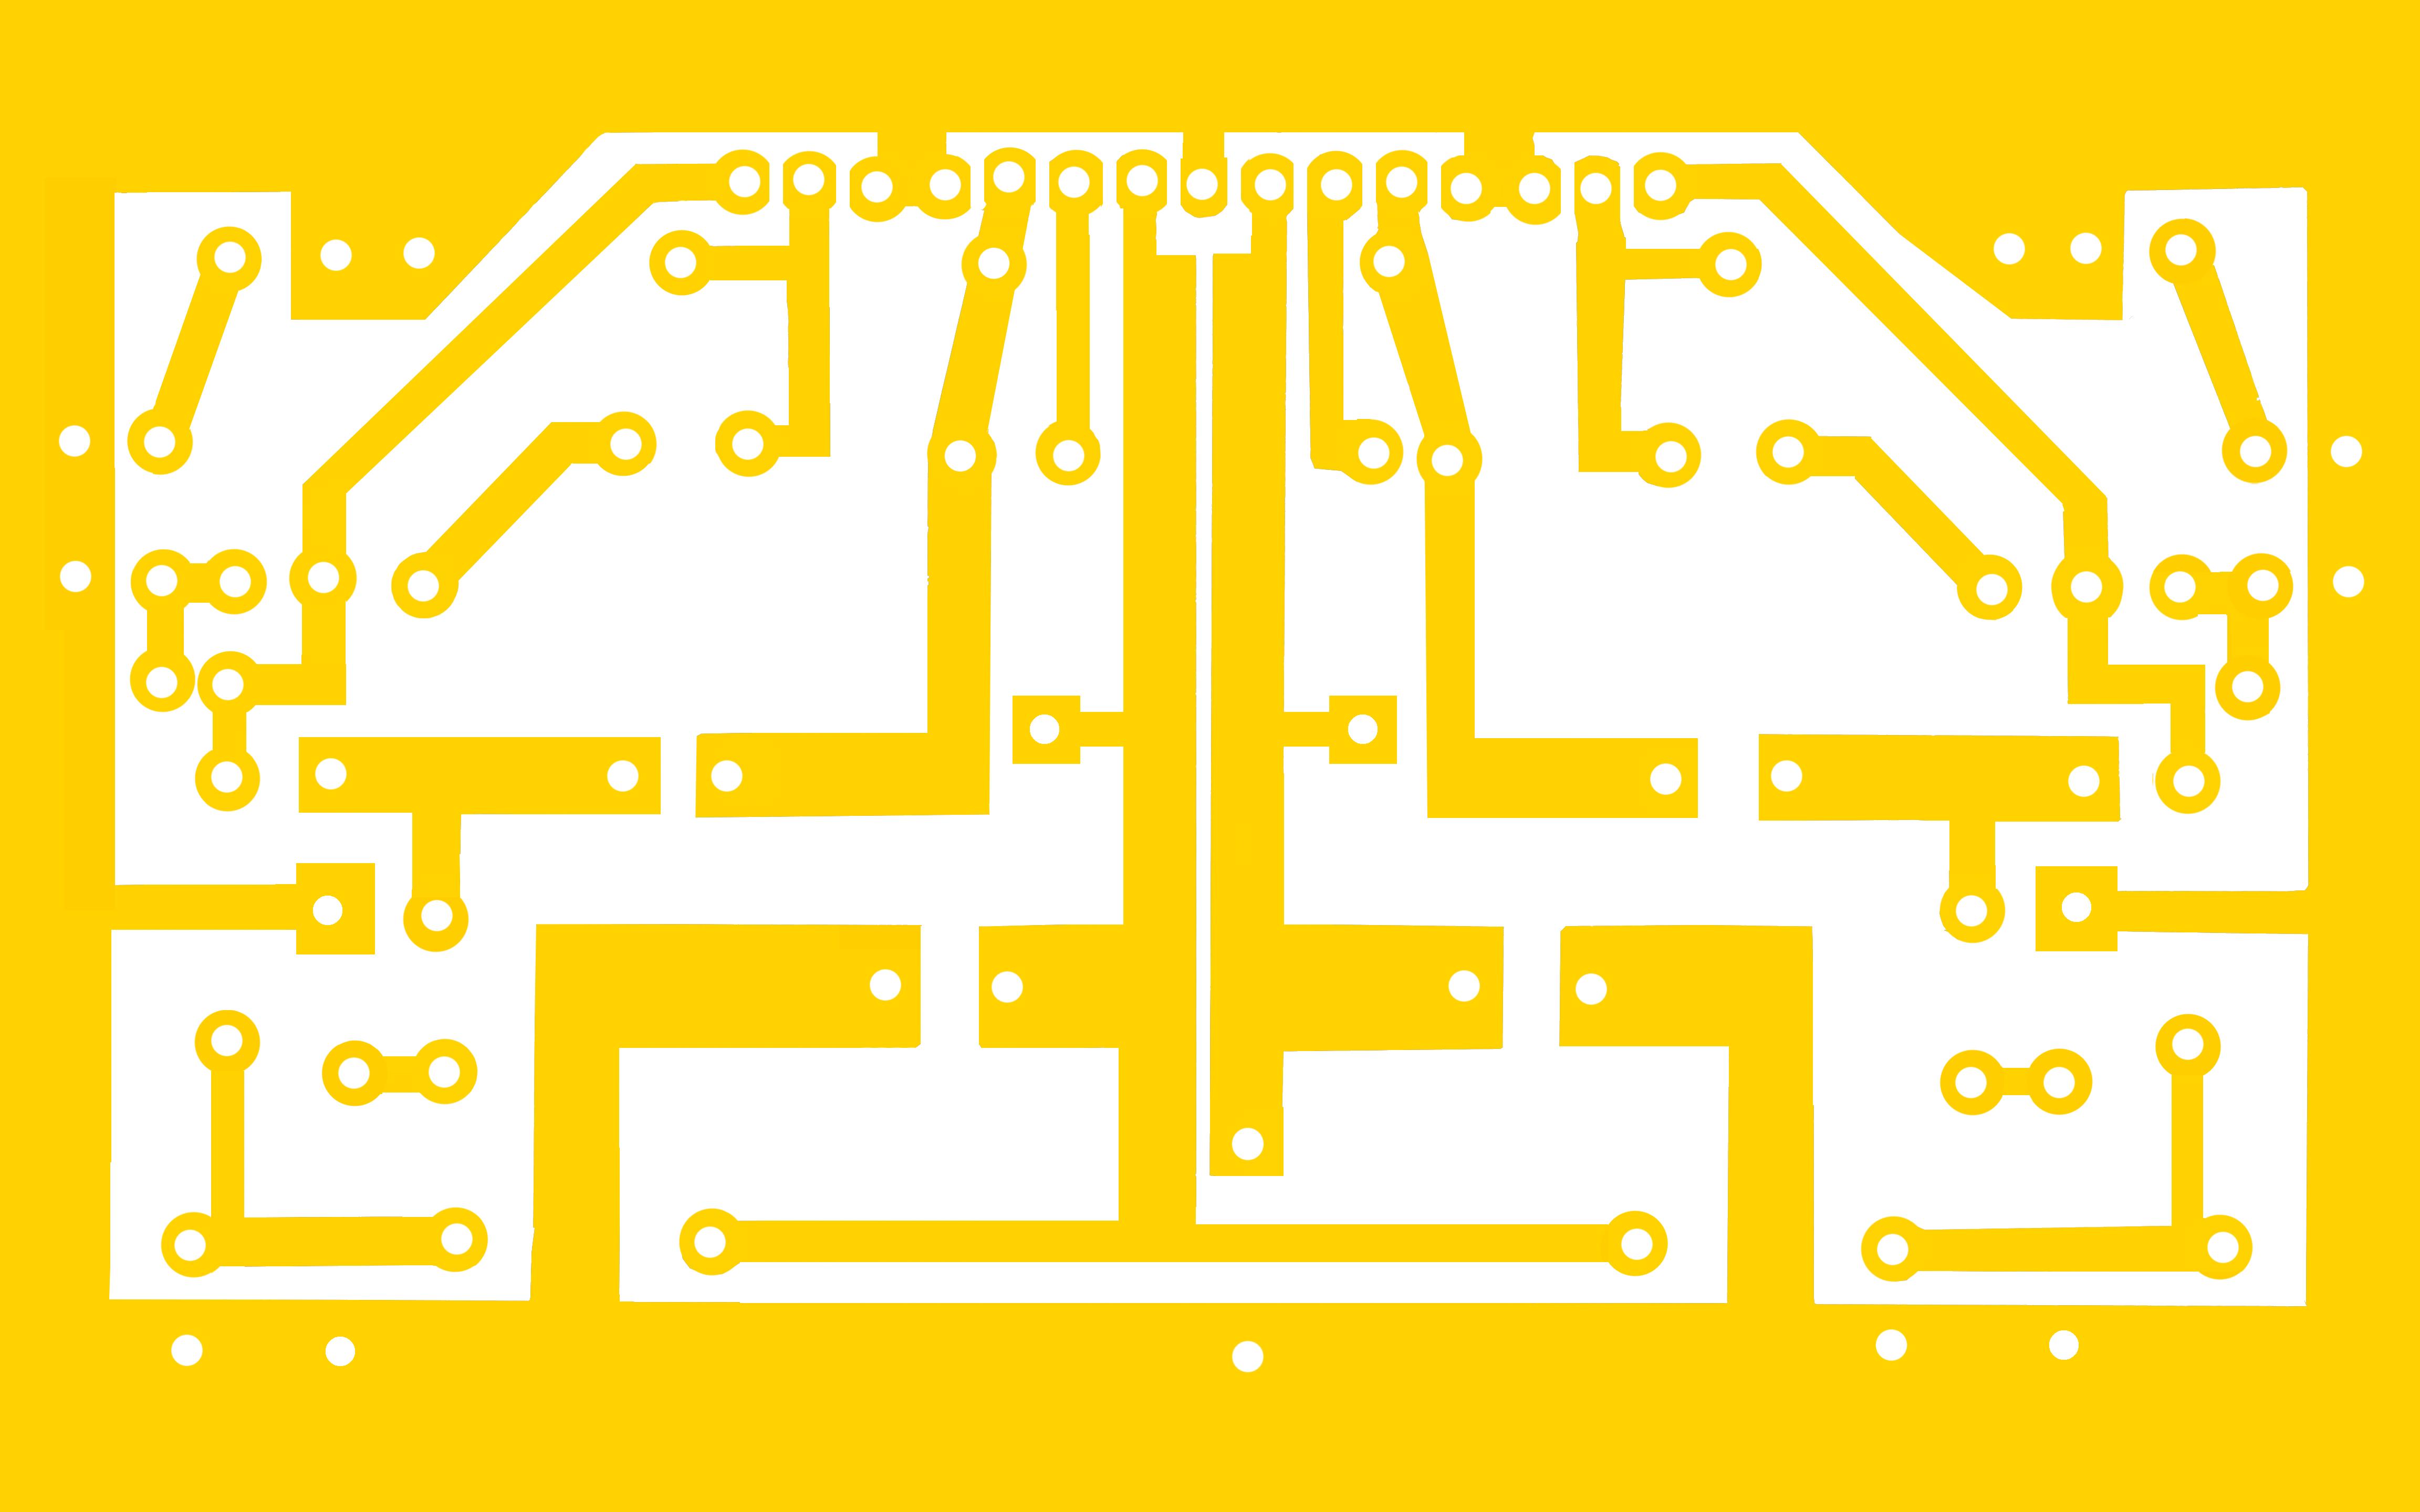 STK430-443-circuit-diagram